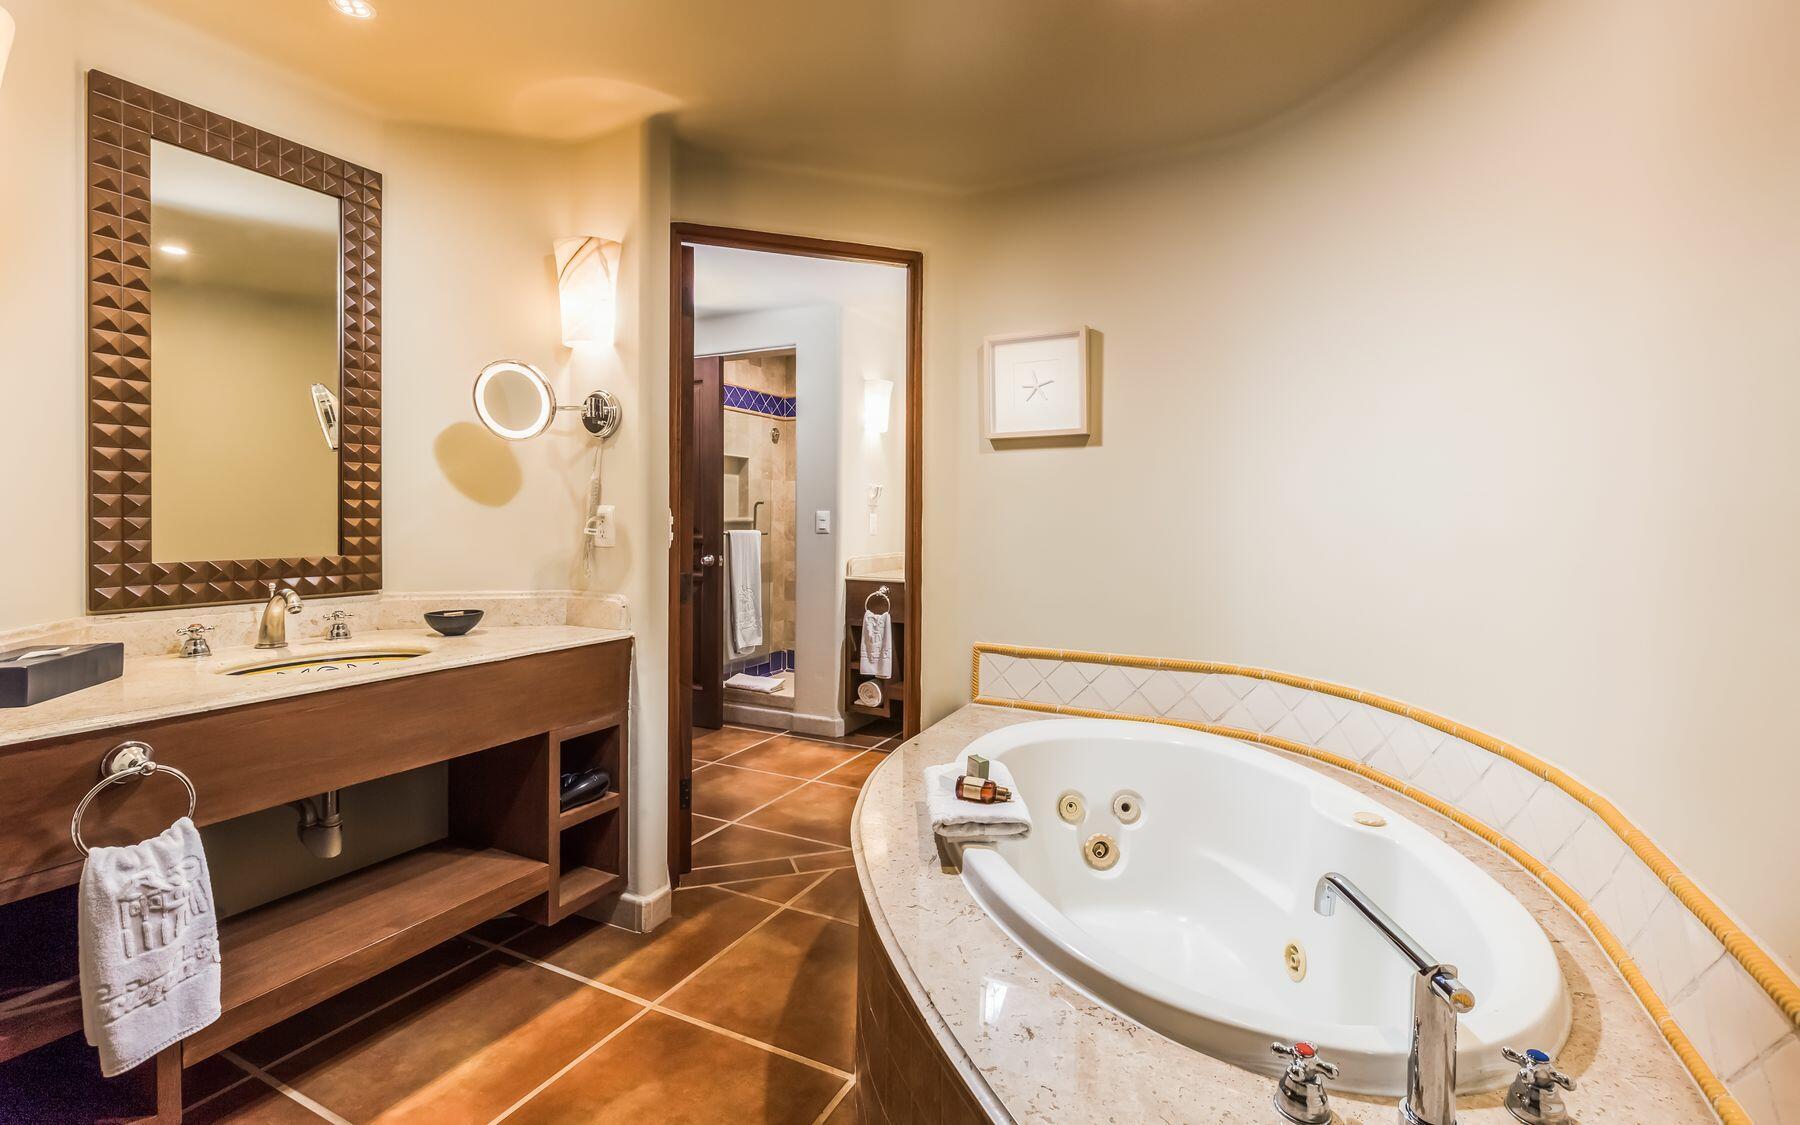 Jacuzzi & Bathroom